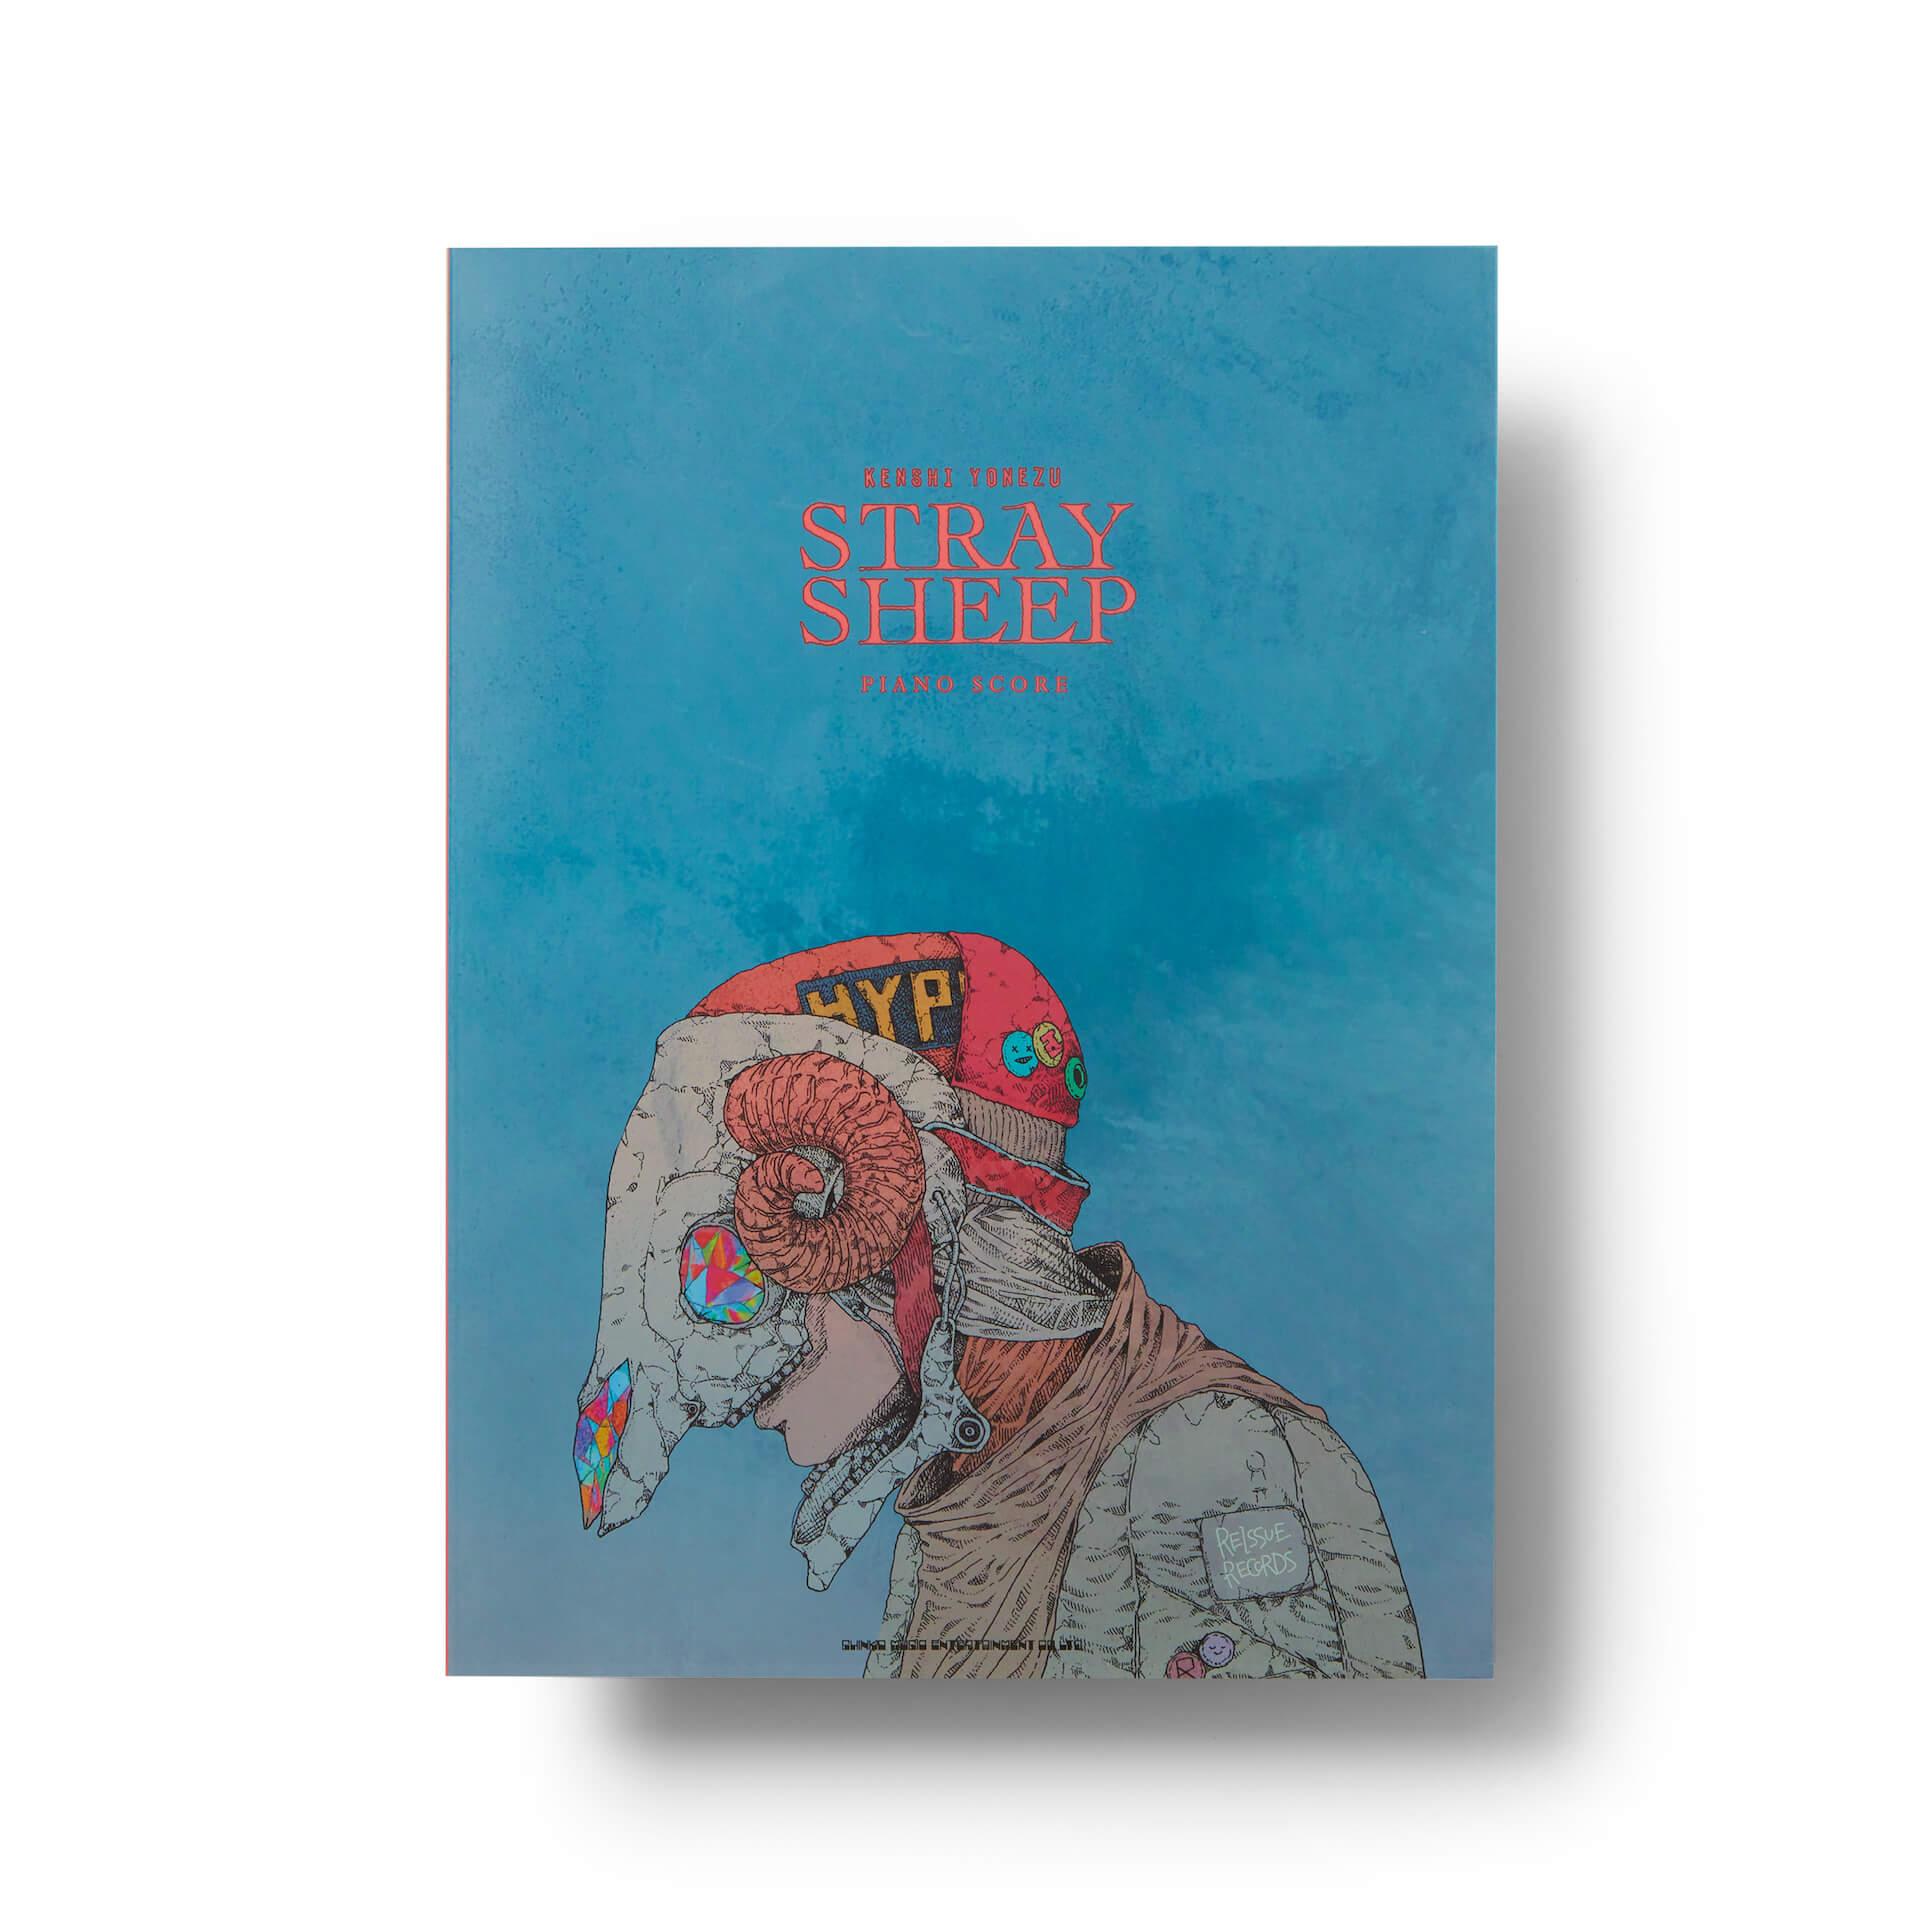 米津玄師『STRAY SHEEP』のスコアブック5冊が発売決定!「米津玄師COLLECTION」となるピアノスコアも music210709_yonezukenshi_scorebook_3